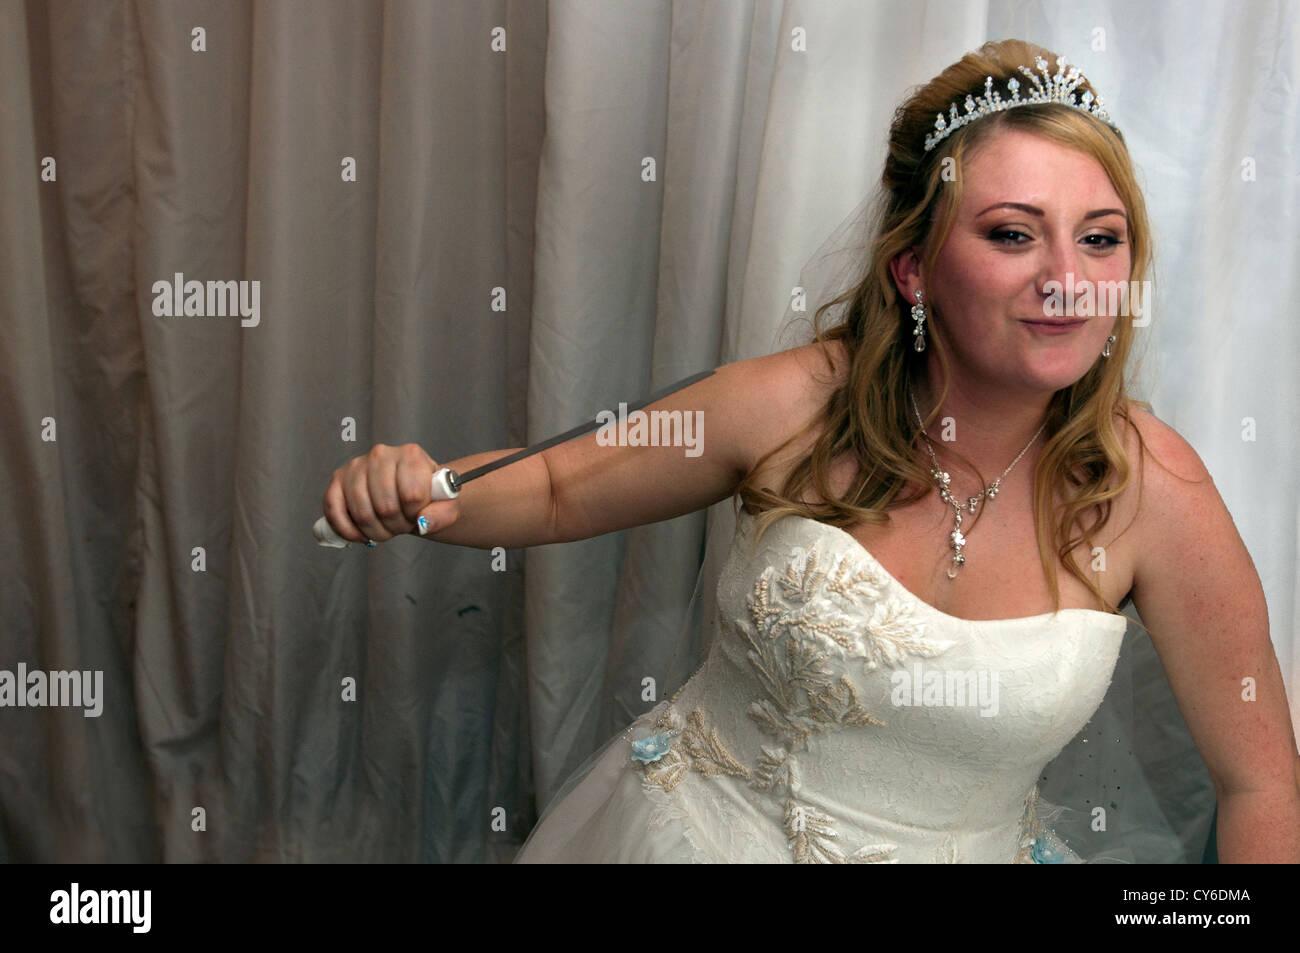 Parution du modèle de couteau (Bridezilla) au mariage Photo Stock